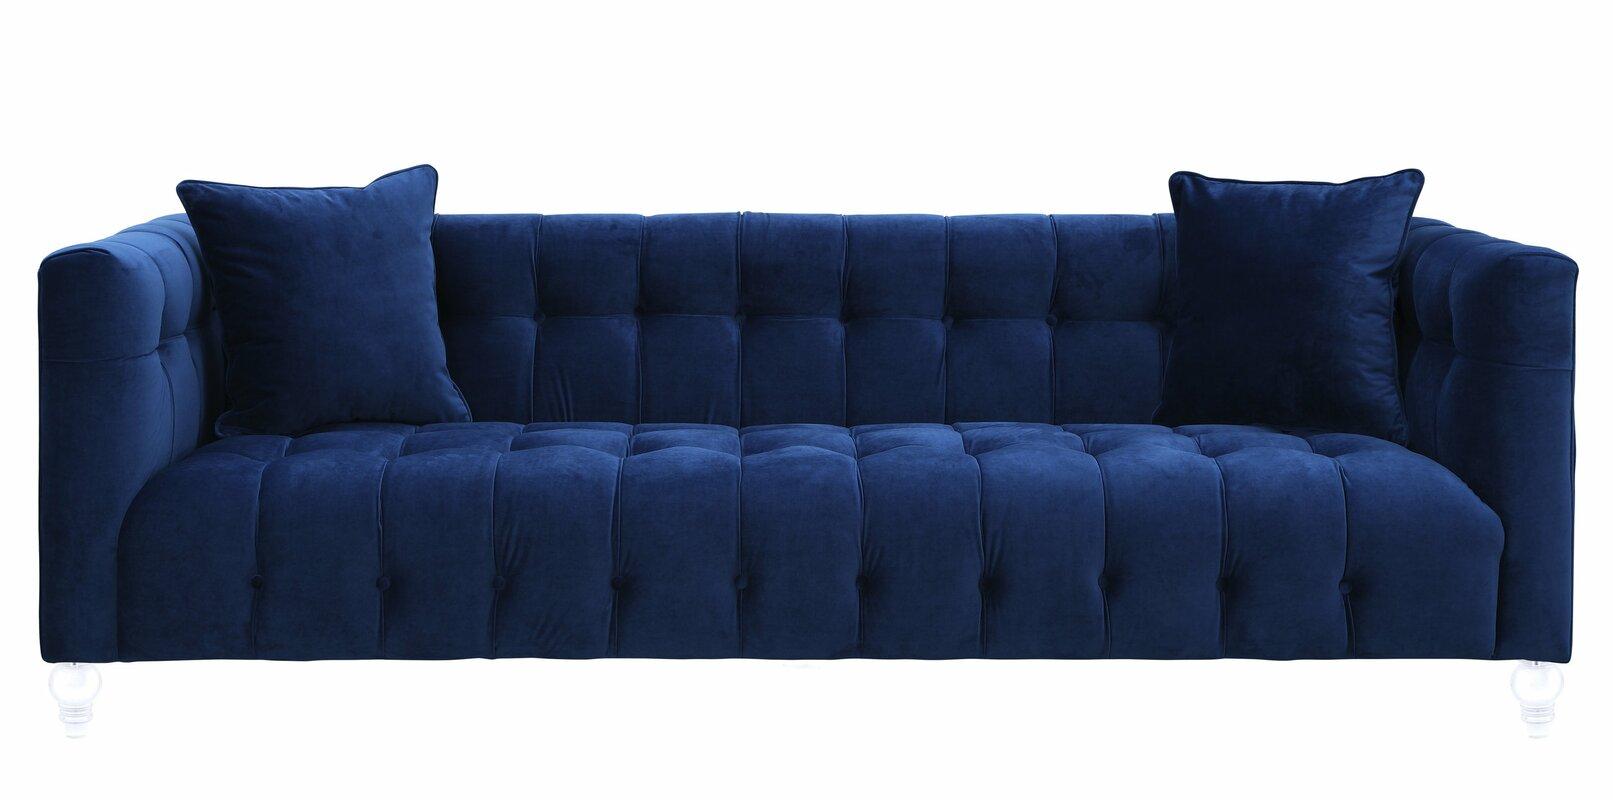 938 99 Mercer41 Kittrell Velvet Upholstery Sofa Dealepic